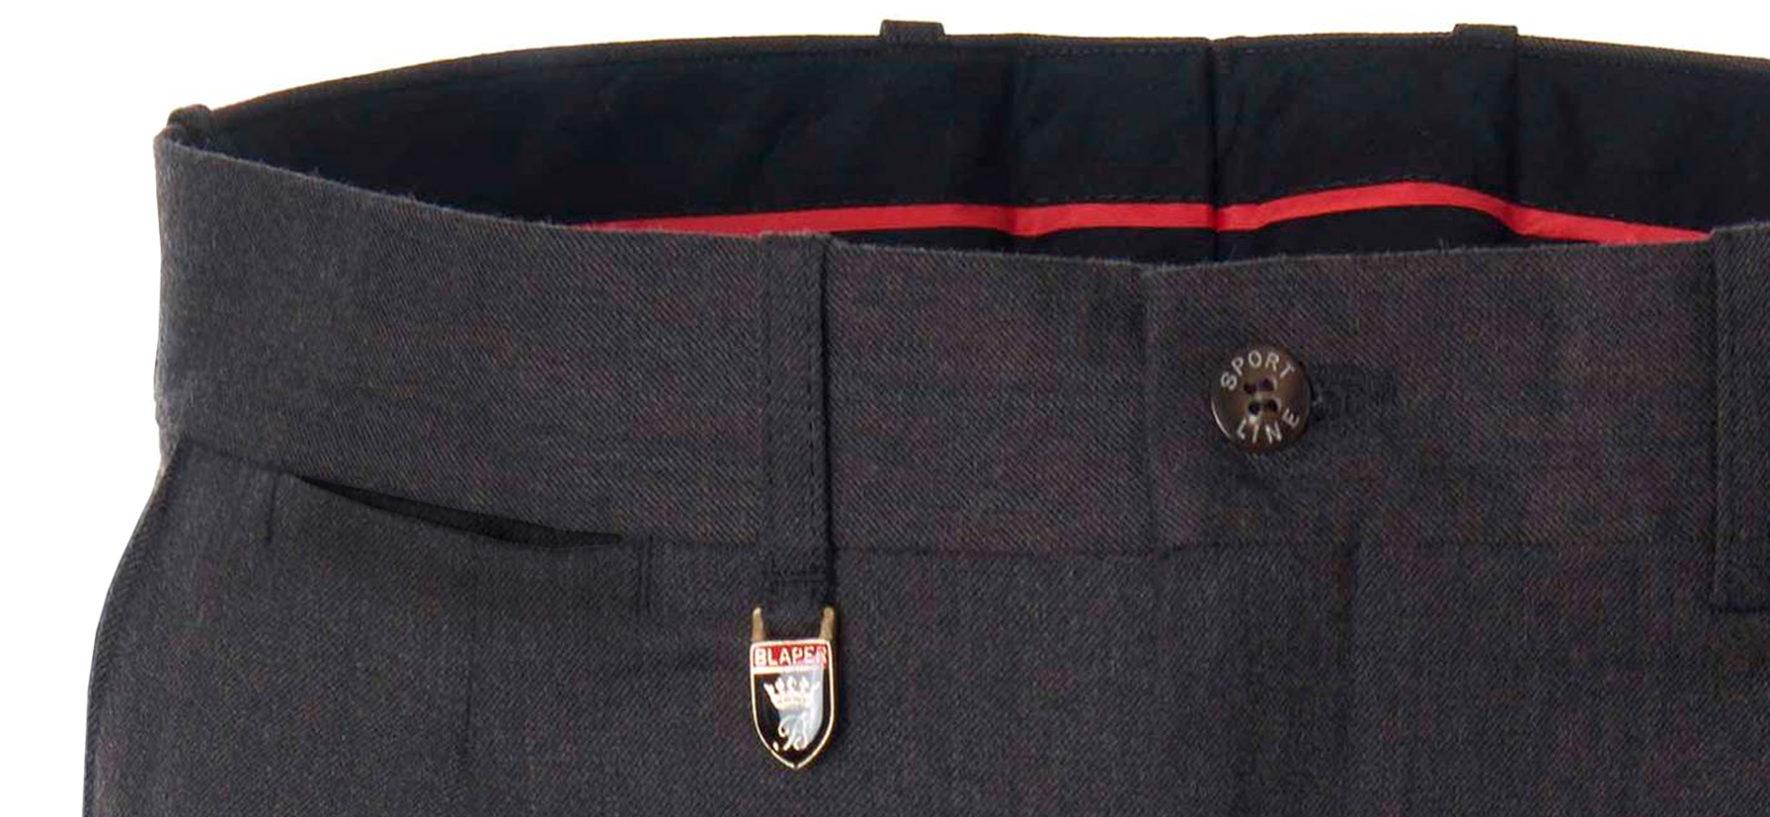 ¿Porque la mayoría de los pantalones incorporan un bolsillo pequeñito?